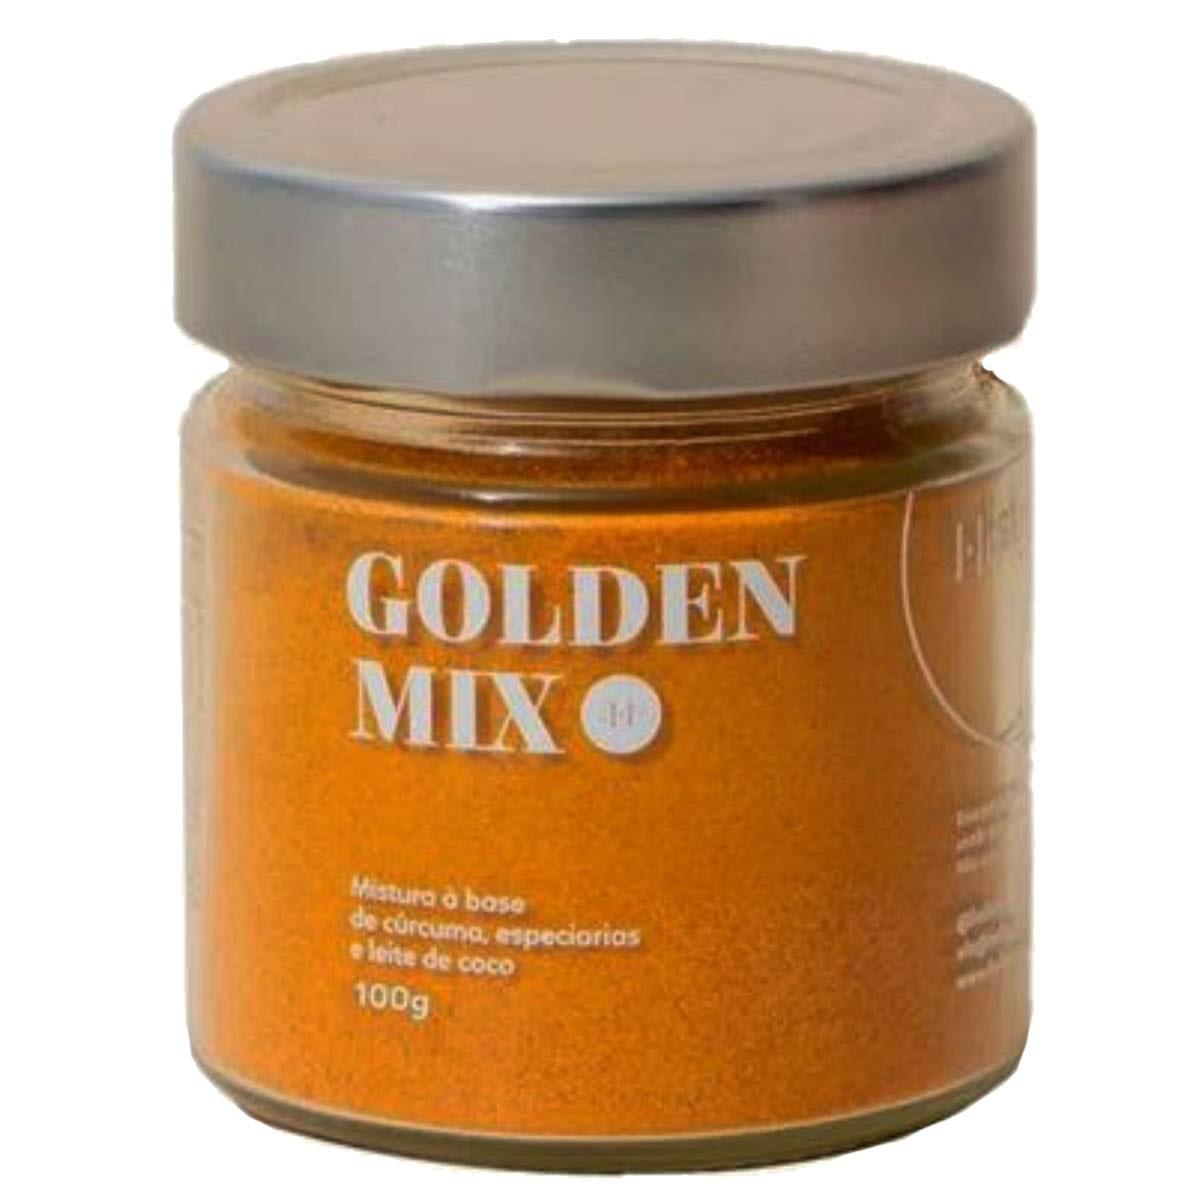 Golden mix 100g - Holistix